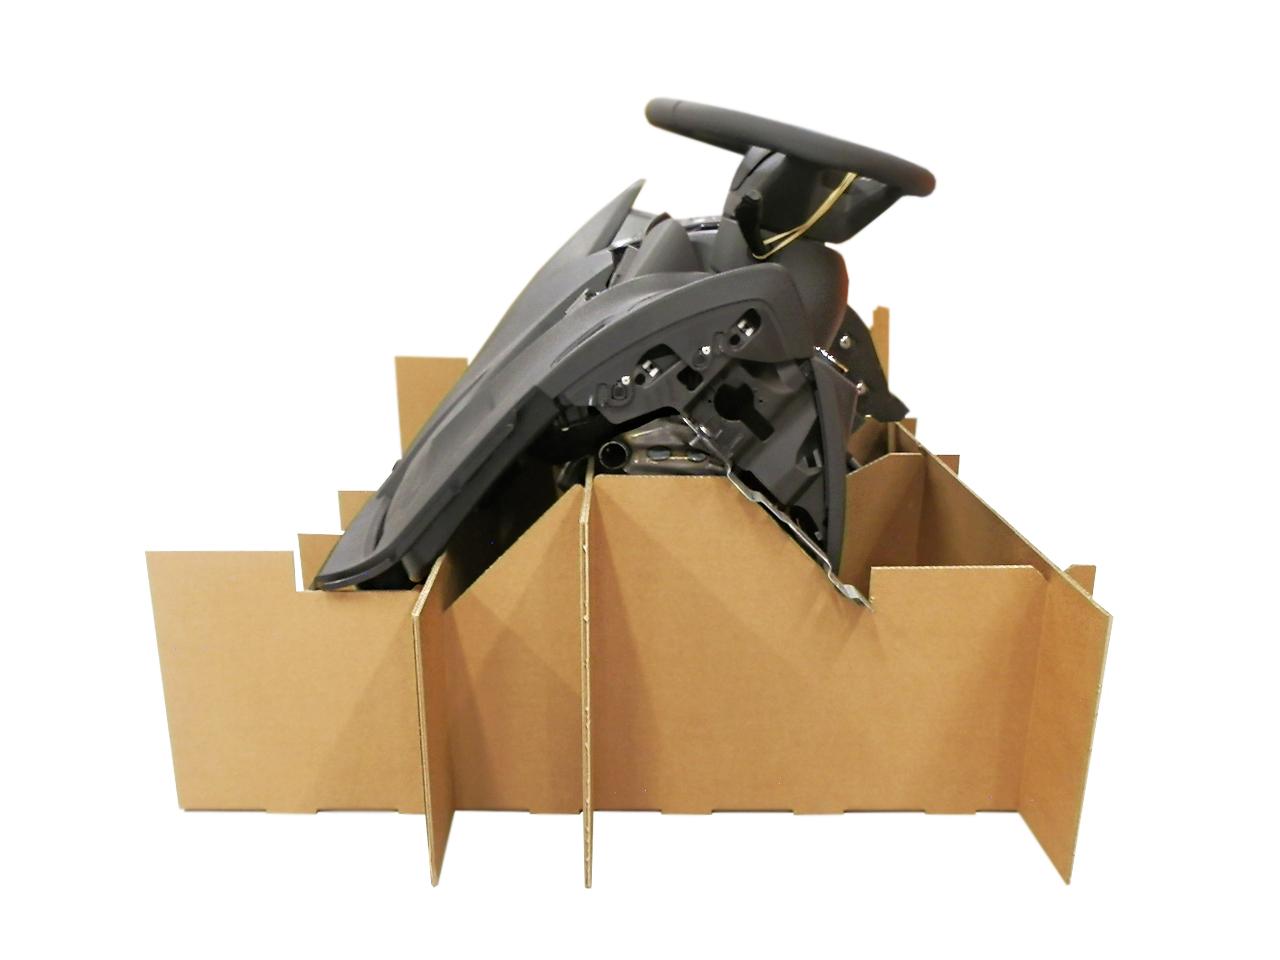 DS Smith Tecnicarton personaliza el embalaje de los salpicaderos de automóvil para optimizar el transporte